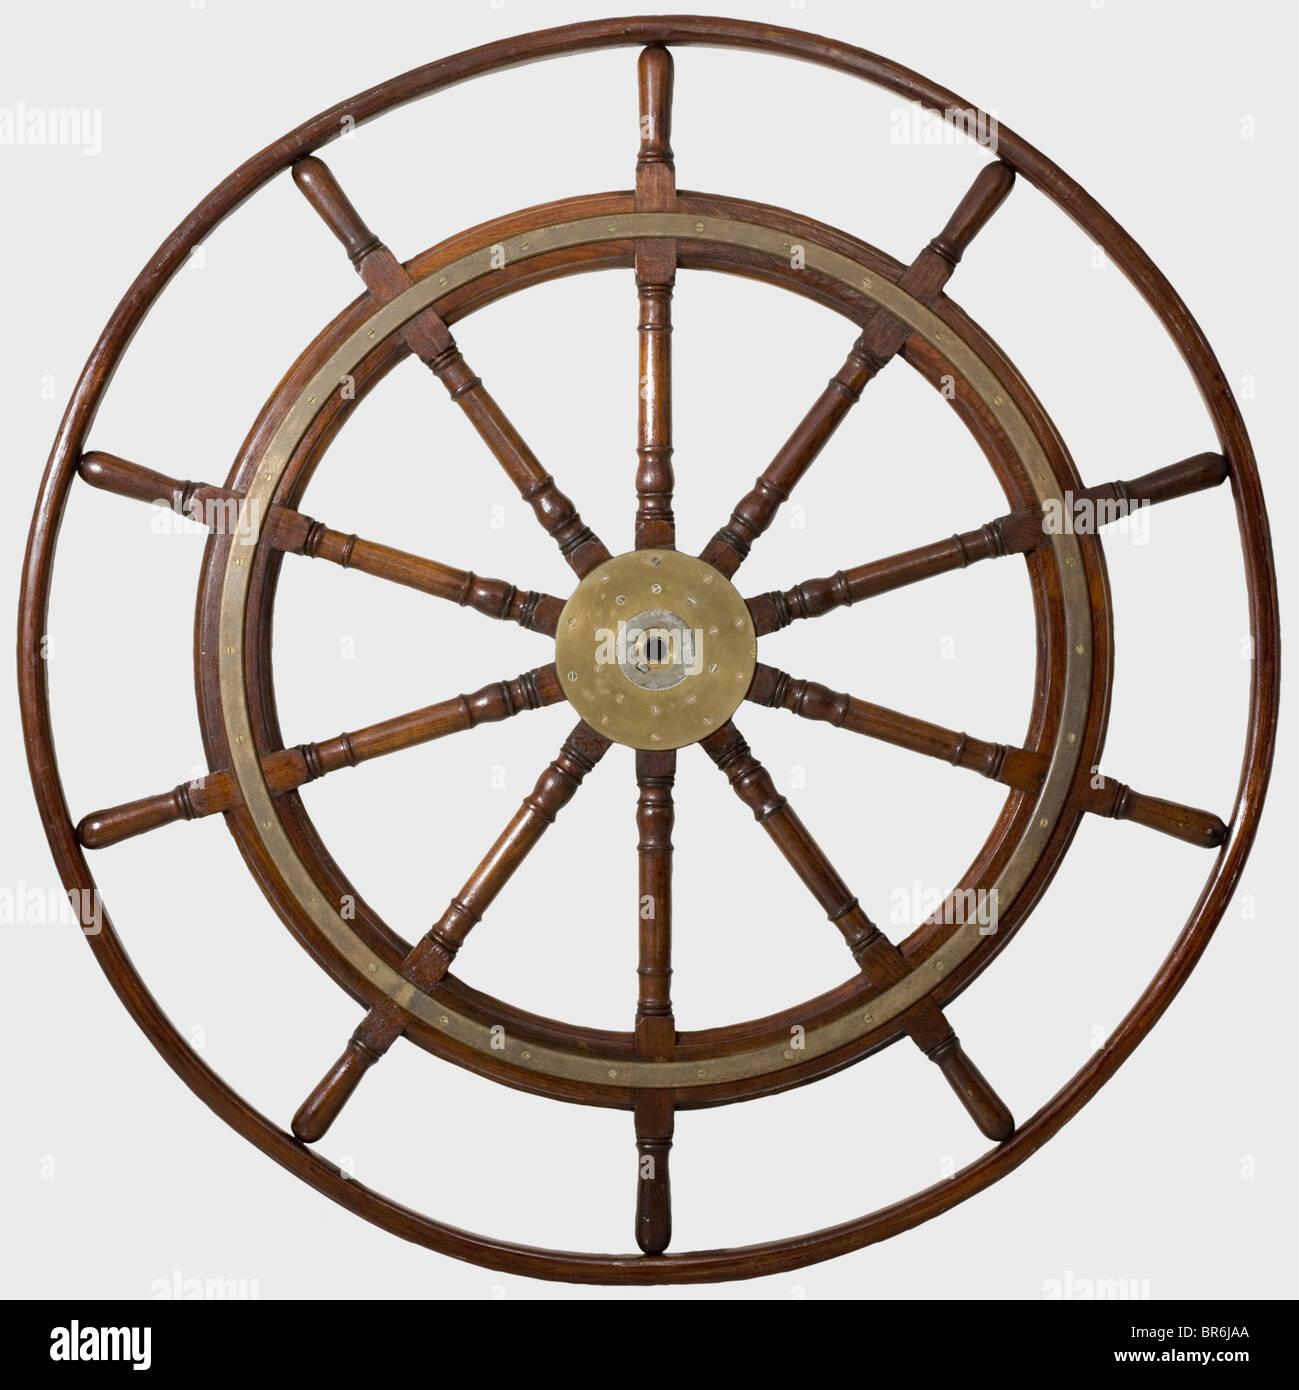 Une grande roue du navire, d'un grand voilier, milieu du 19ème siècle. Bois de chêne avec fer Photo Stock